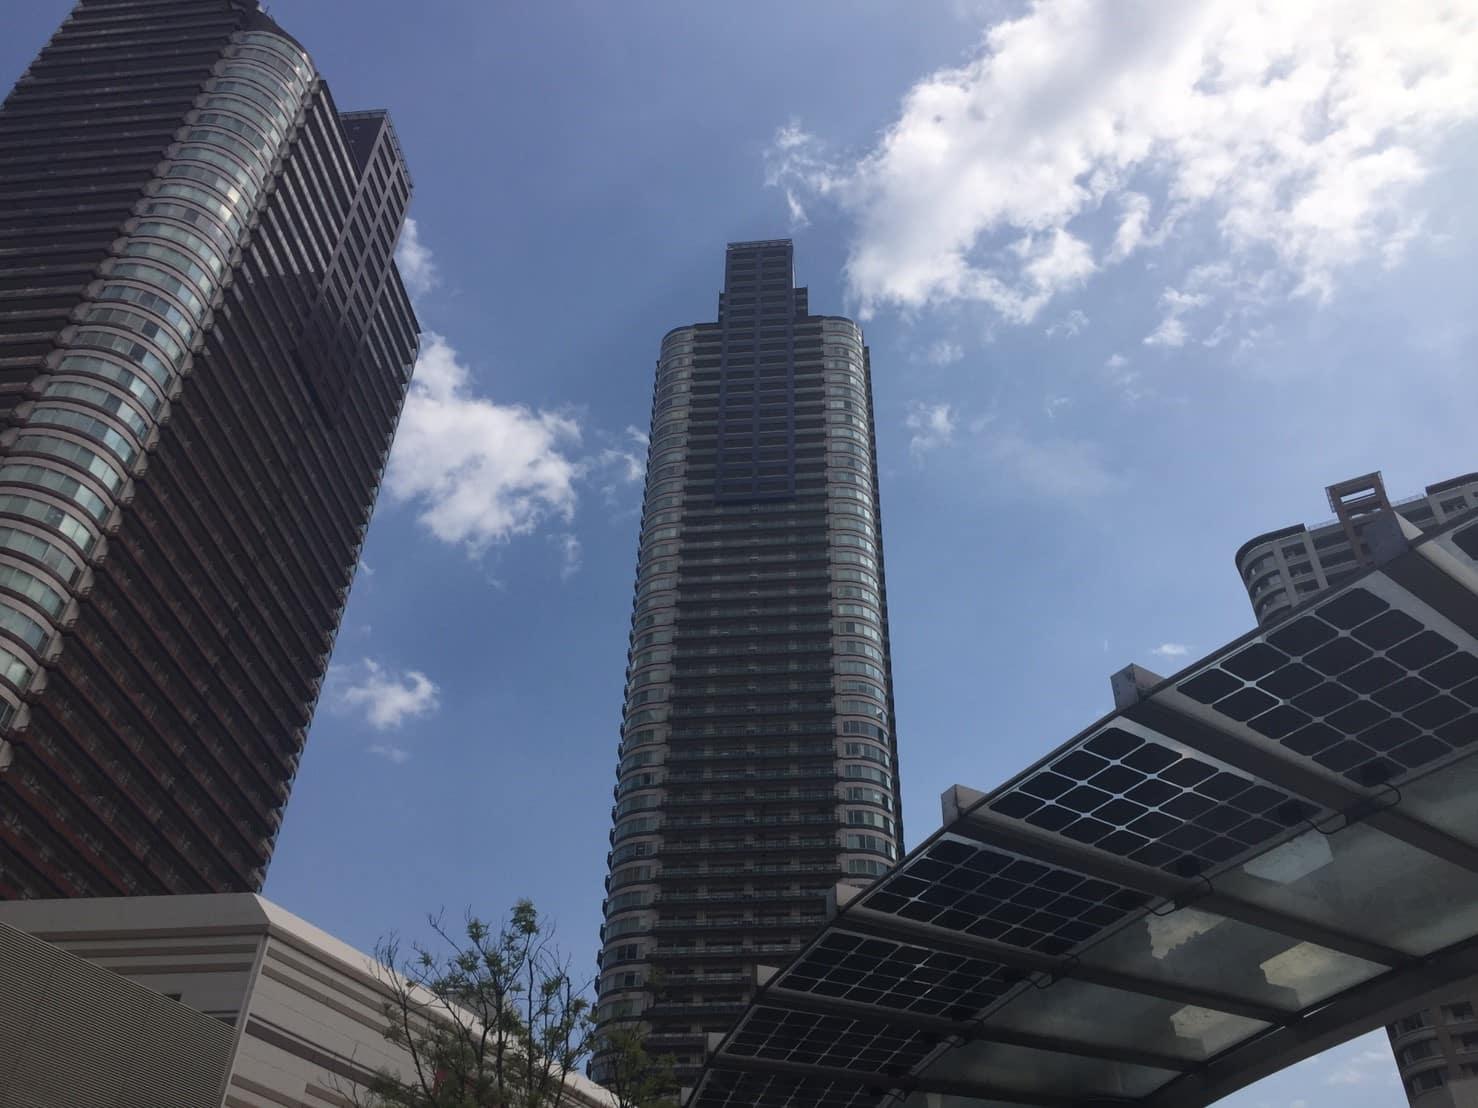 高層タワーマンションが立ち並ぶ駅前の風景